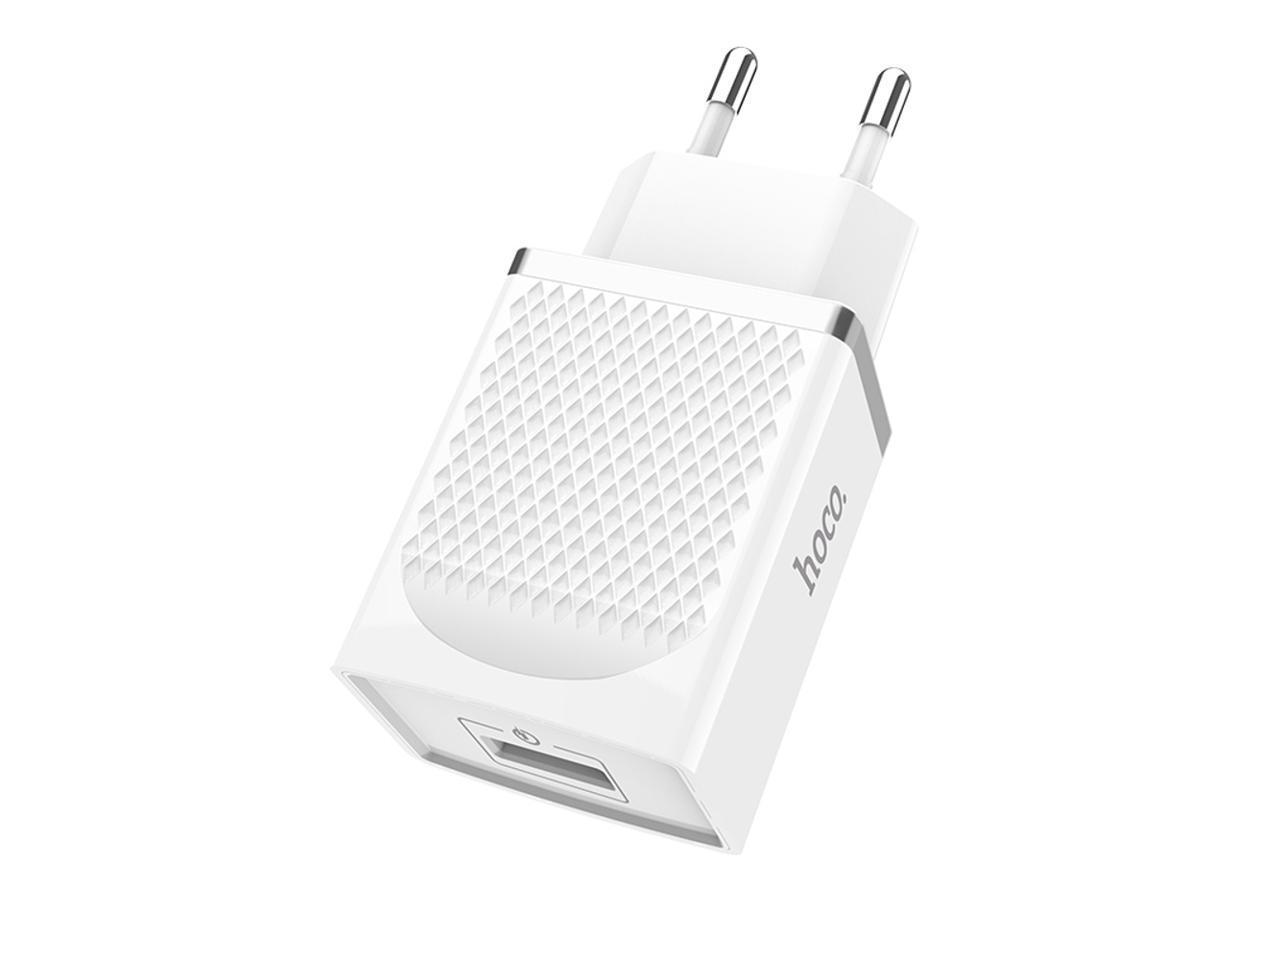 Hoco C42a Eu Plug Usb Port Qc 3 0 Charger Power Adapter